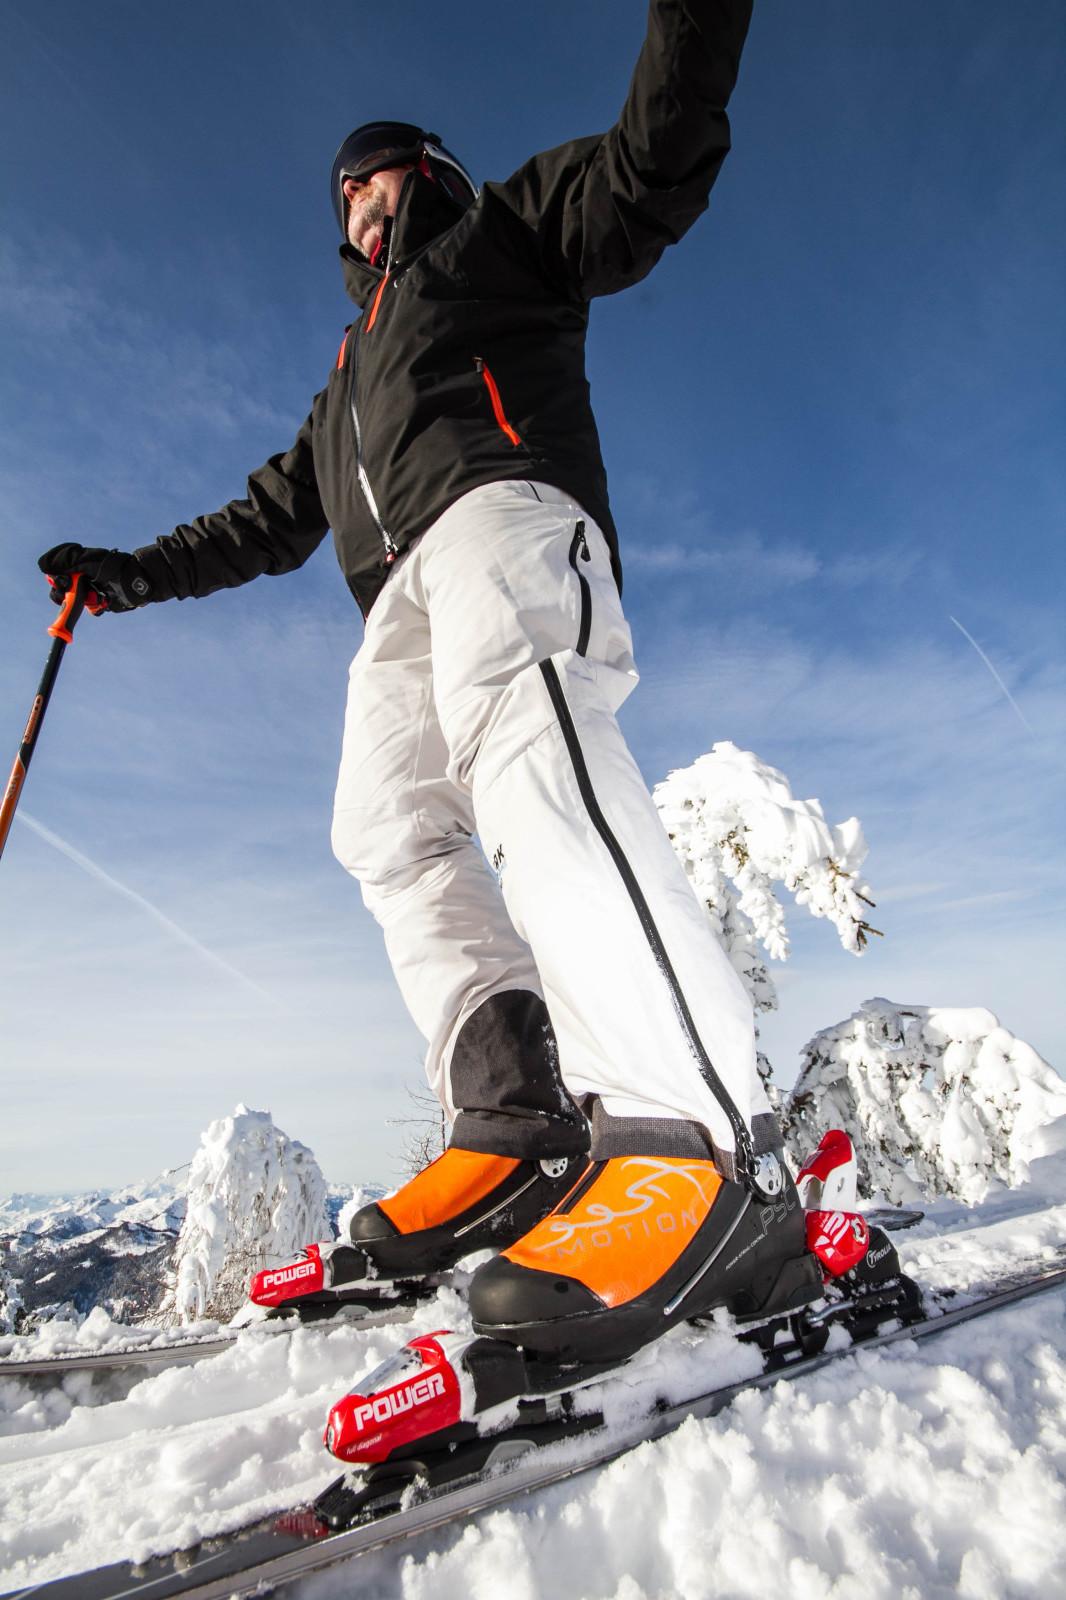 Mit dem Skischuh erlebt man ein völlig neues Fahrgefühl.